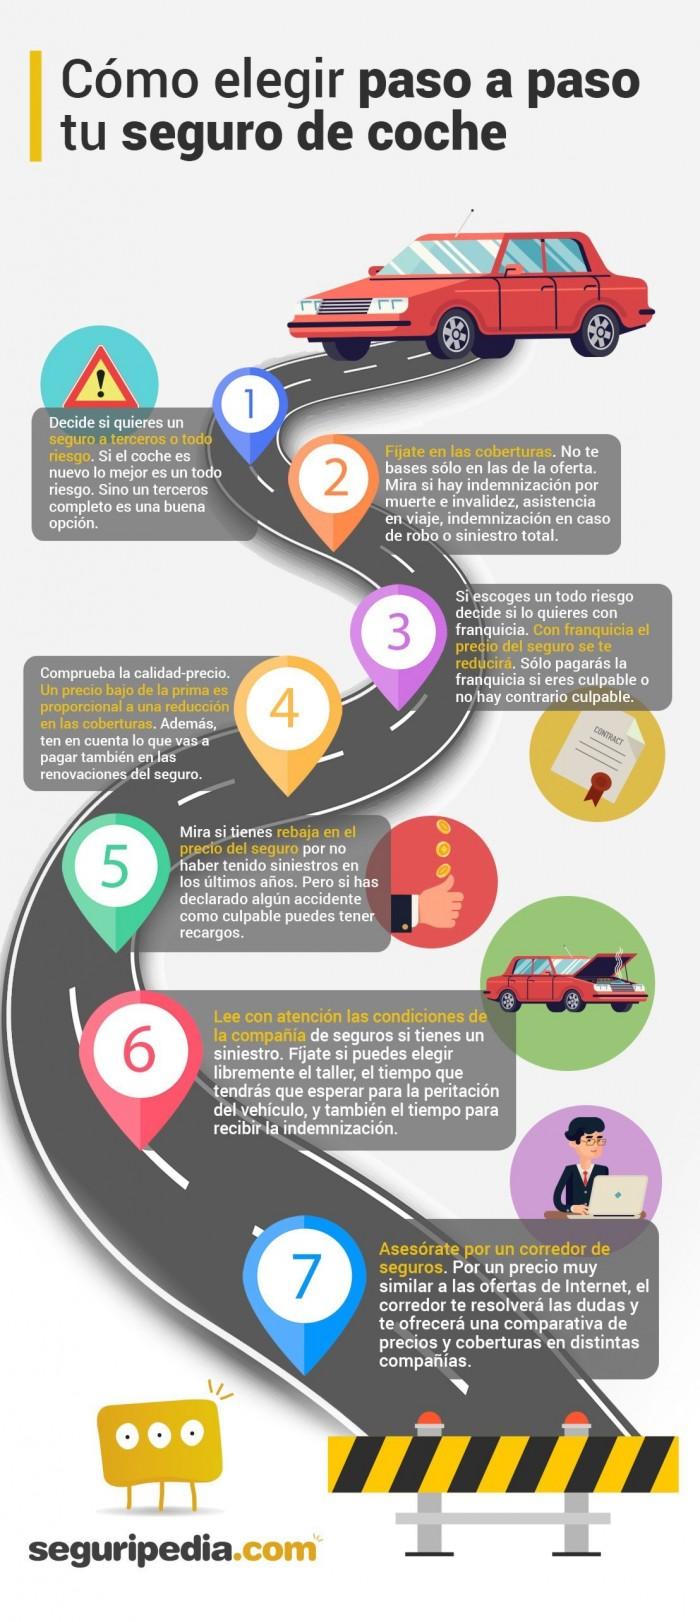 Infografía para elegir el seguro de coche